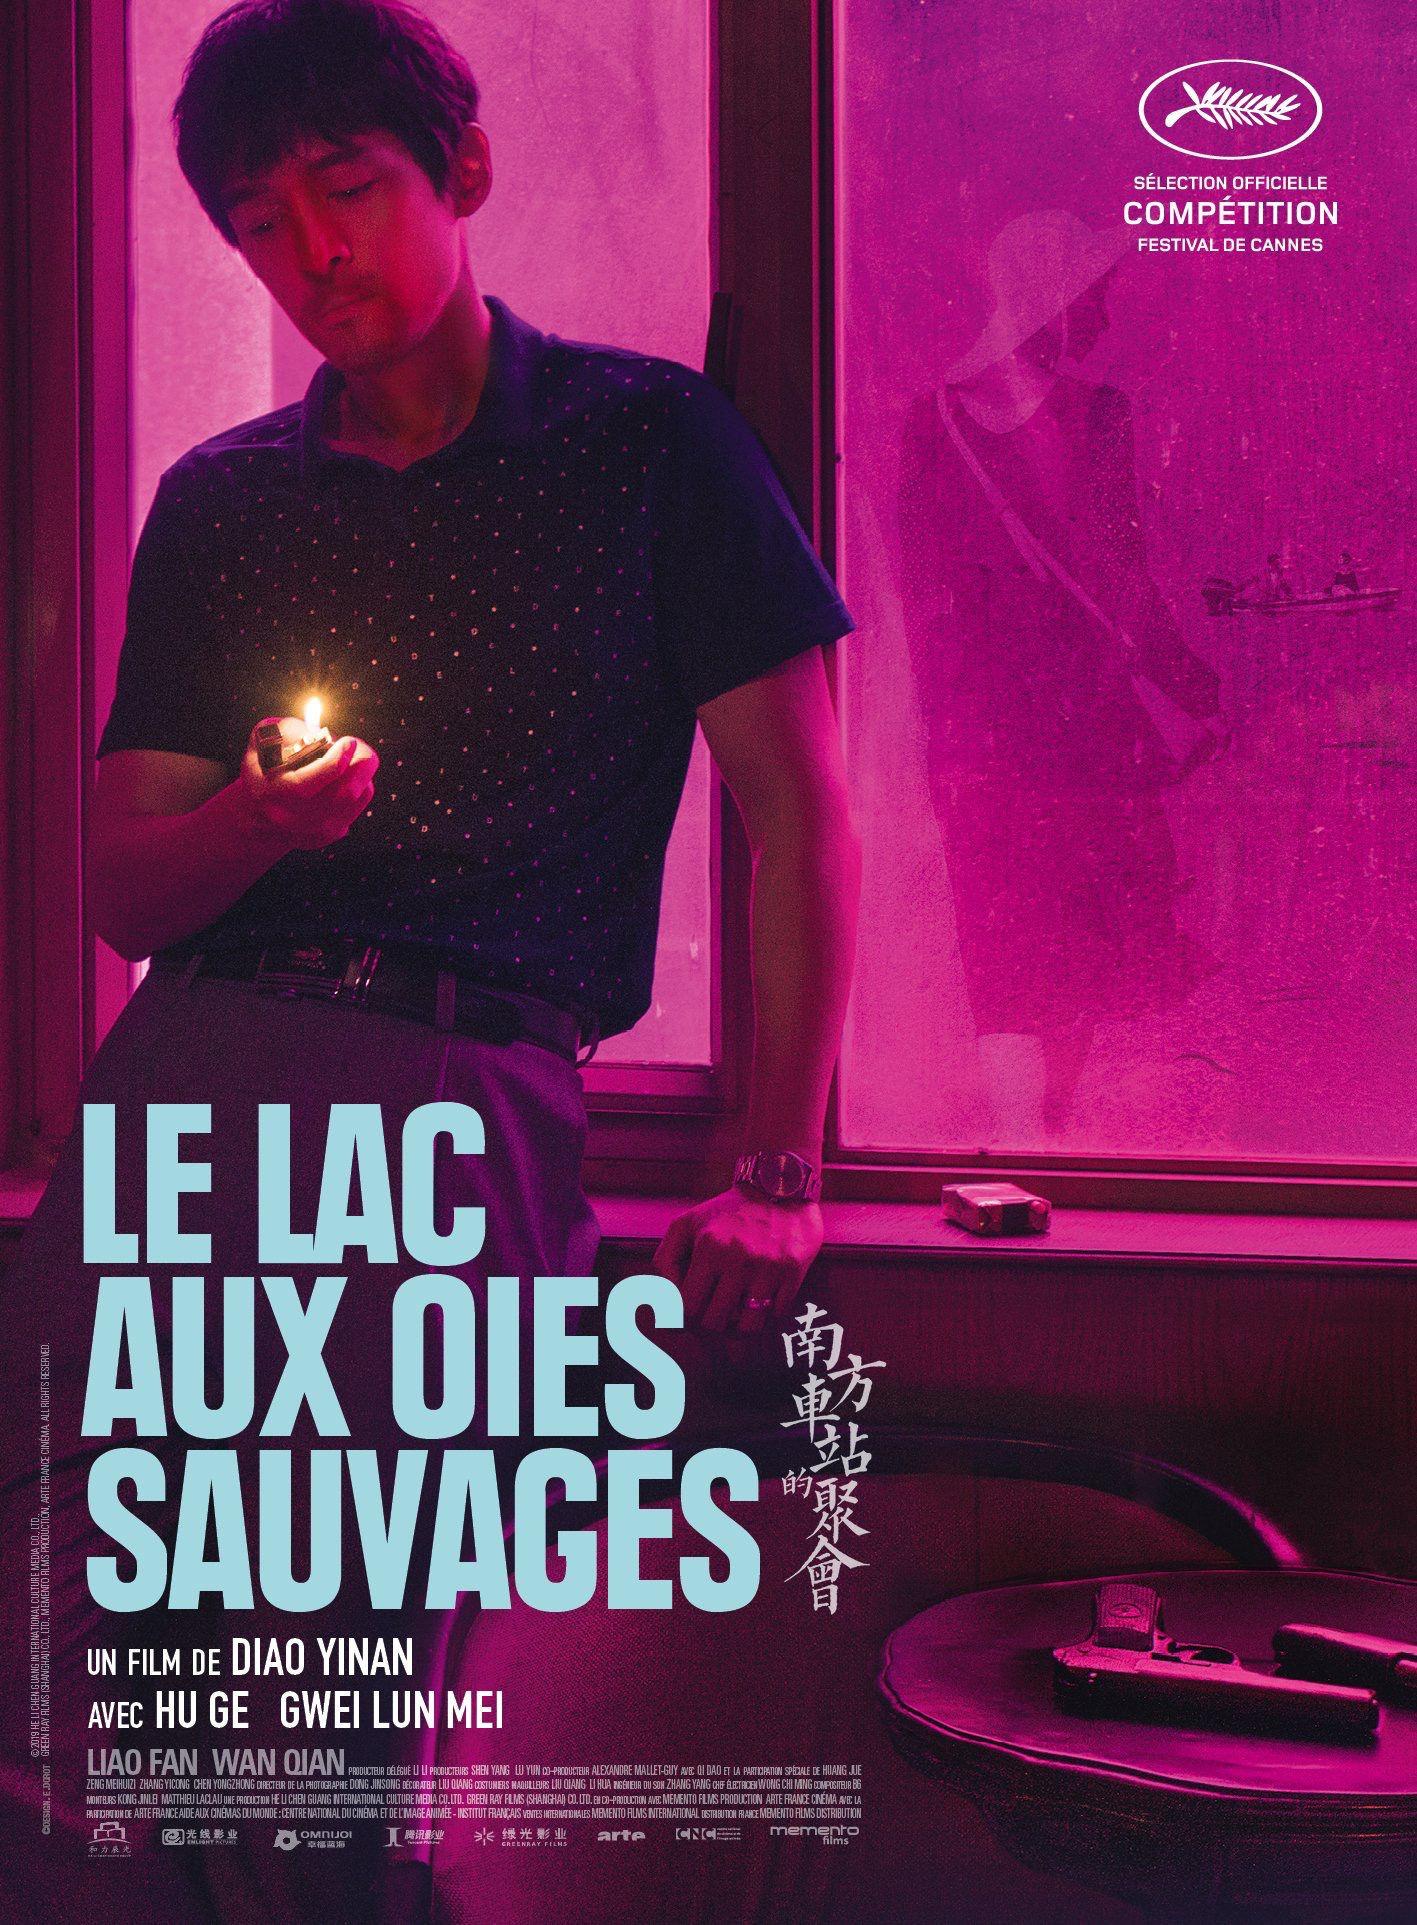 Le Lac aux oies sauvages - Film (2019)